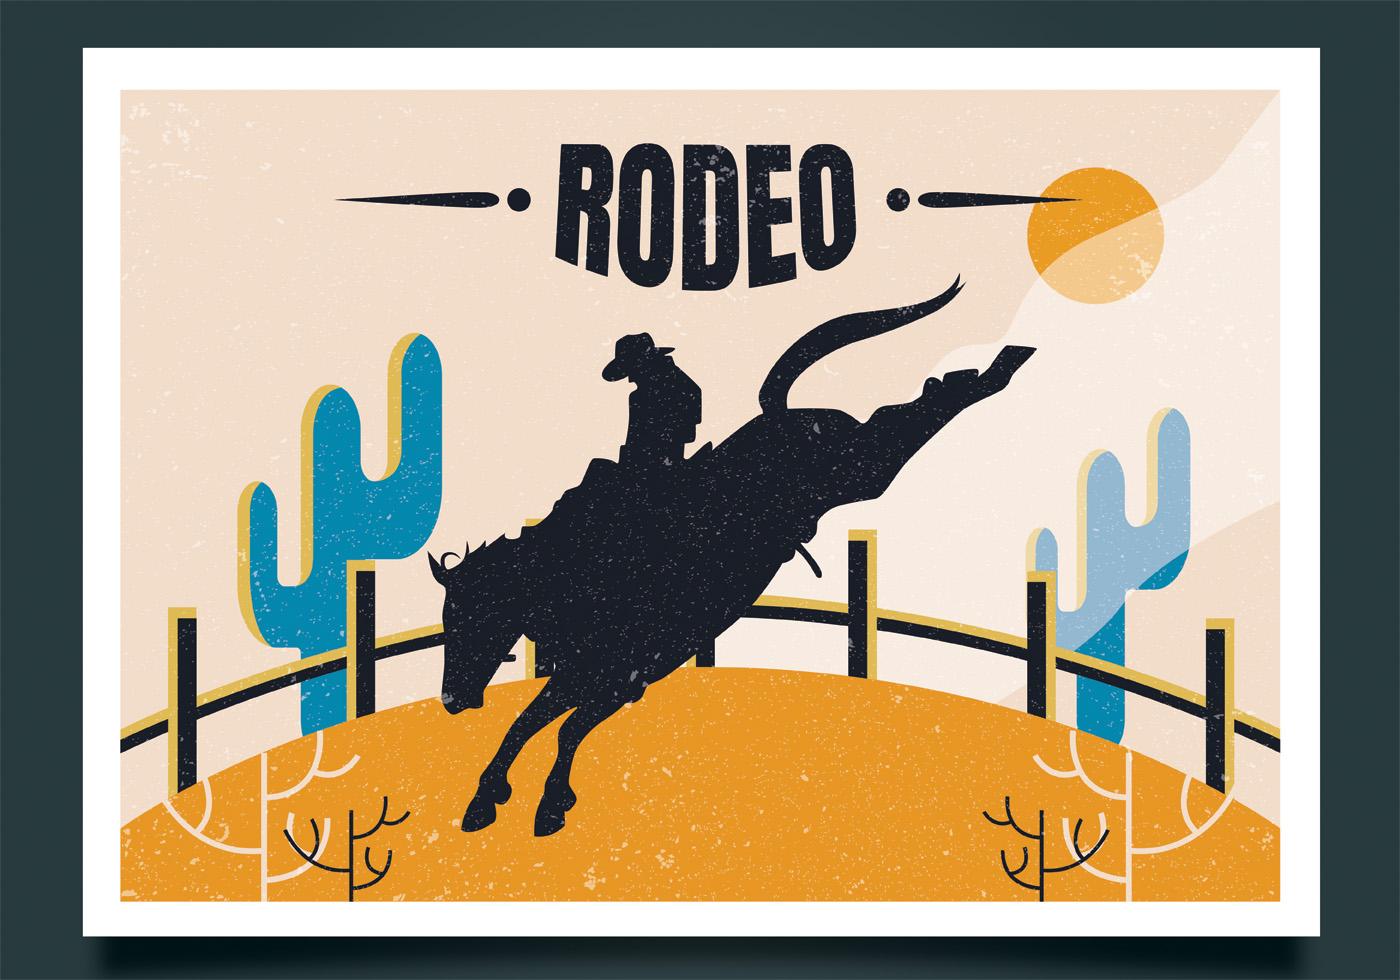 Rodeo Flyer Vector Design Download Free Vector Art